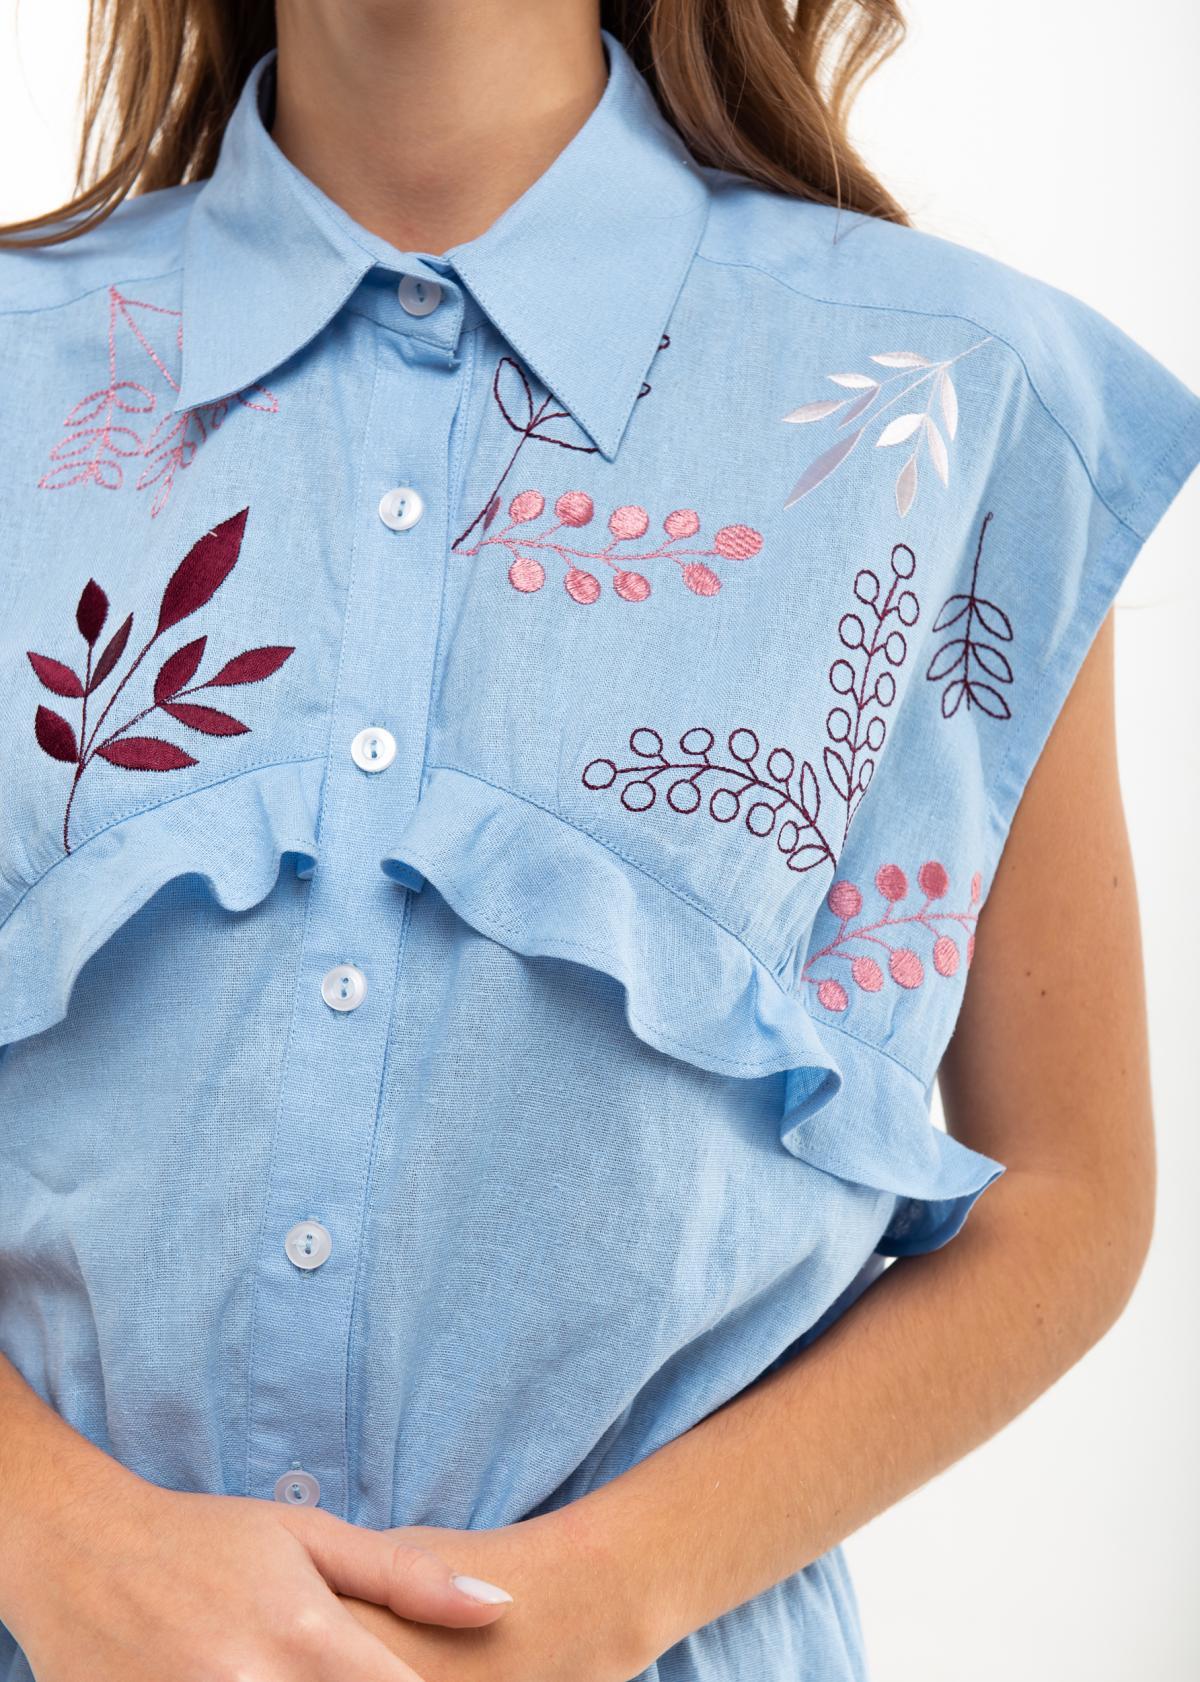 Dress with embroidery Sutsvittya light blue. Photo №4. | Narodnyi dim Ukraine